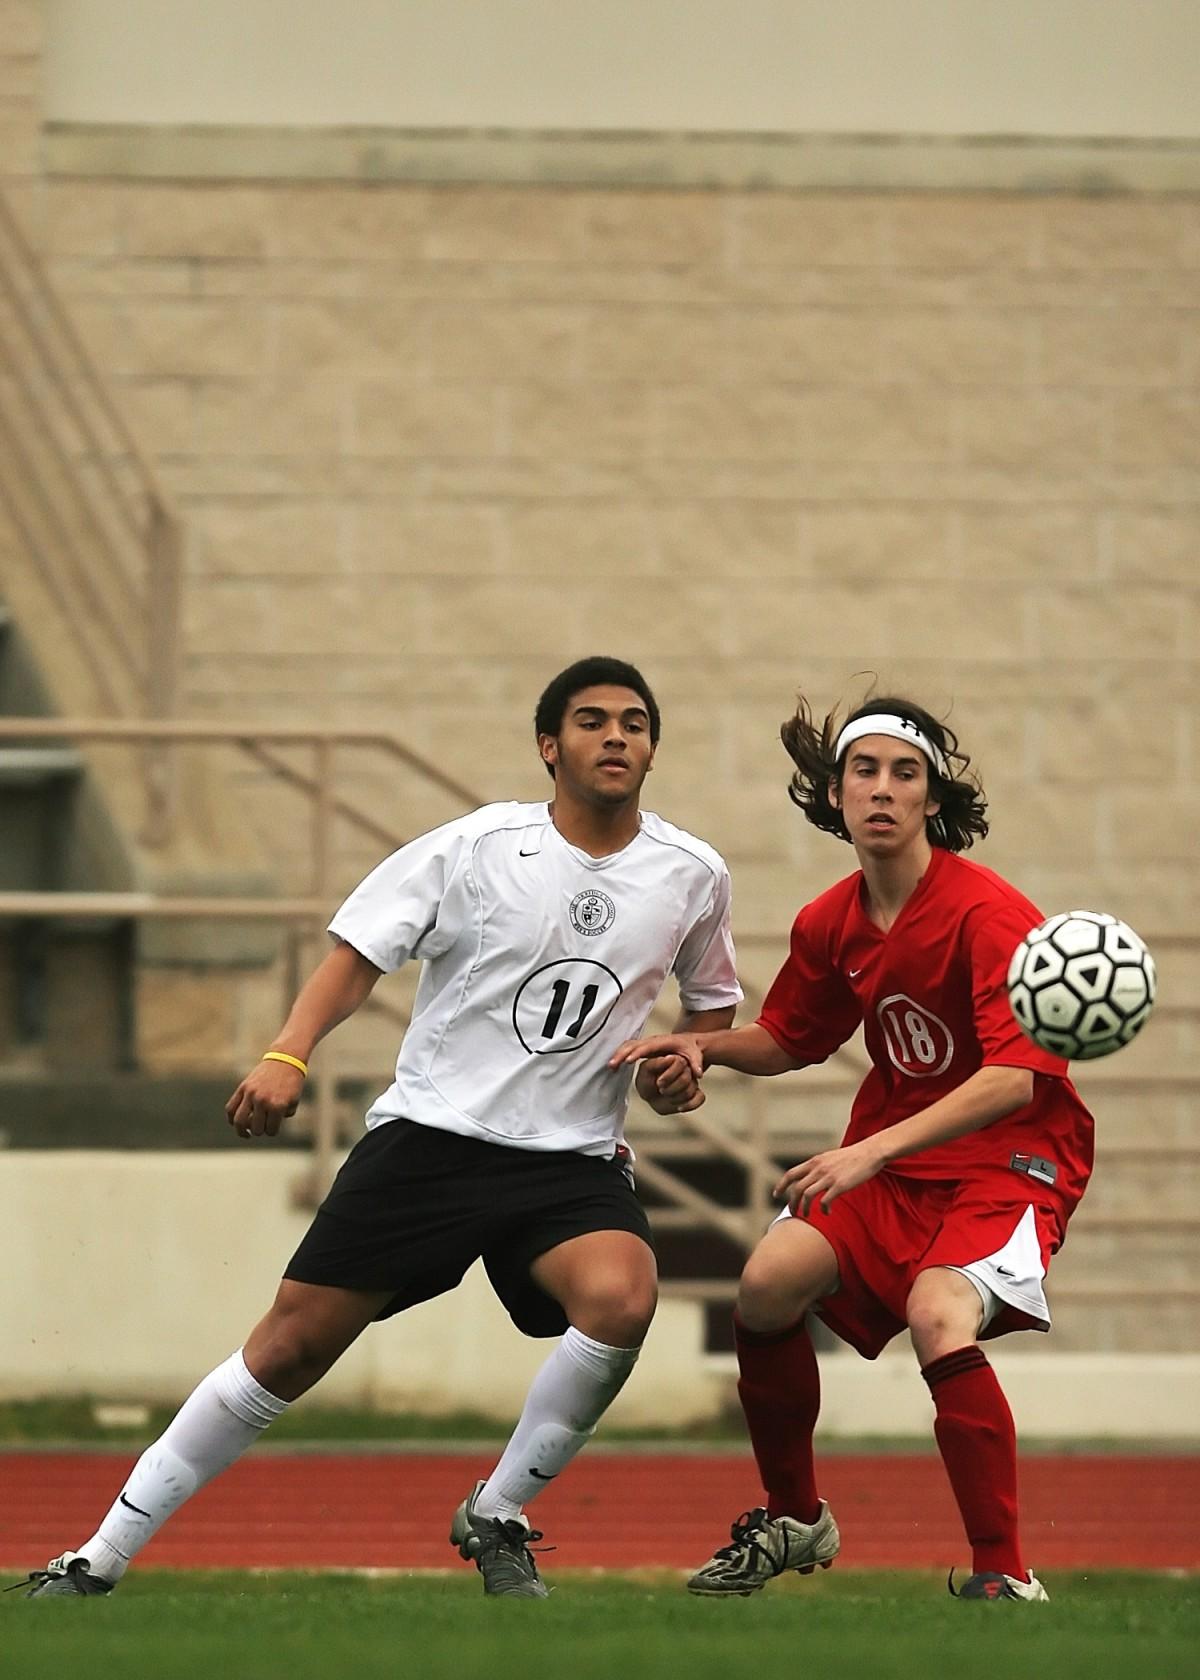 Gambar : Anak laki-laki, muda, pemuda, taman, sepak bola ...